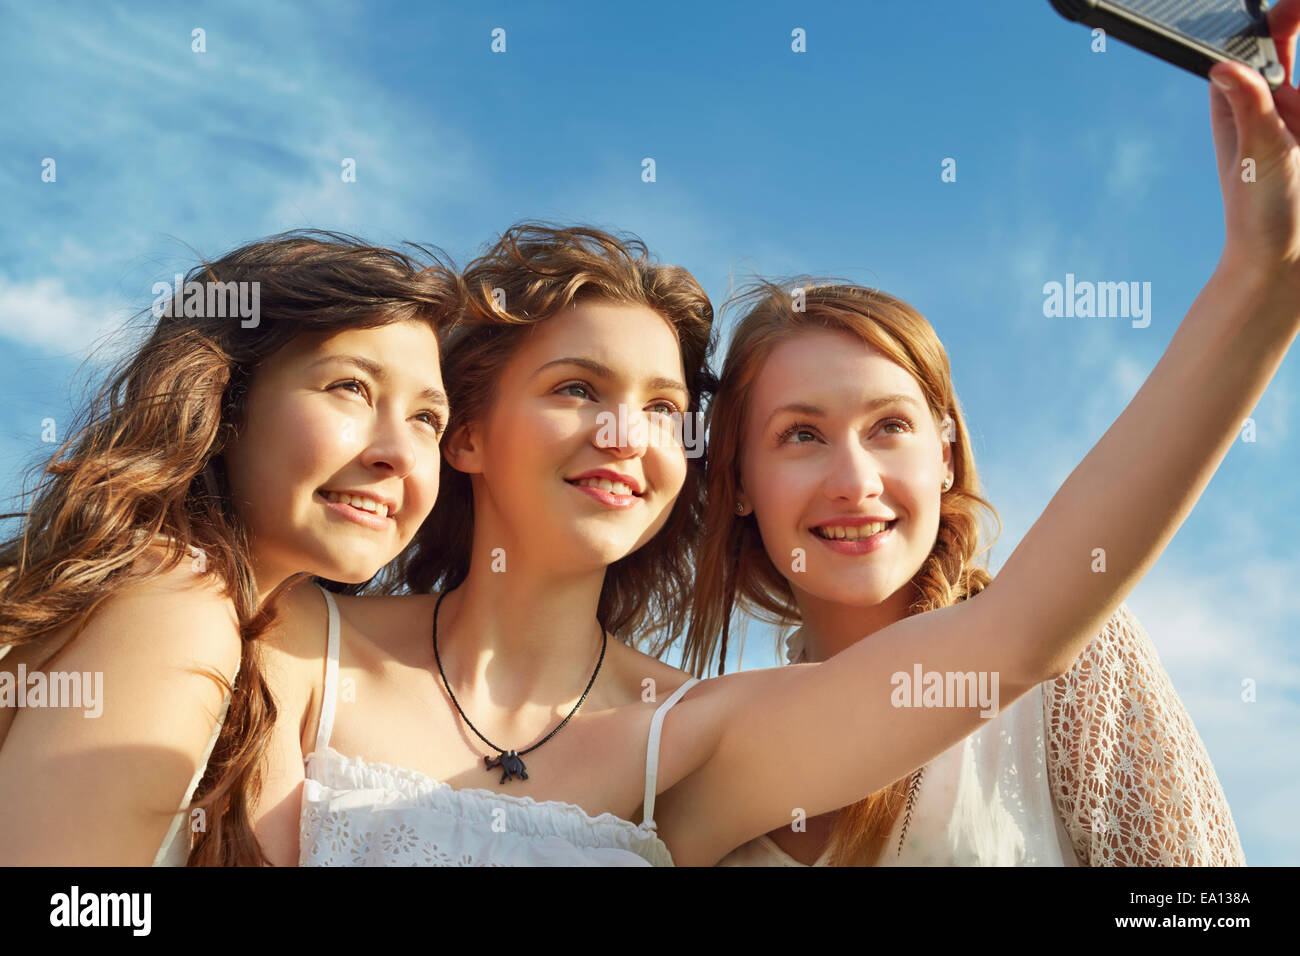 Trois jeunes femmes smiling pour smartphone sur selfies Banque D'Images